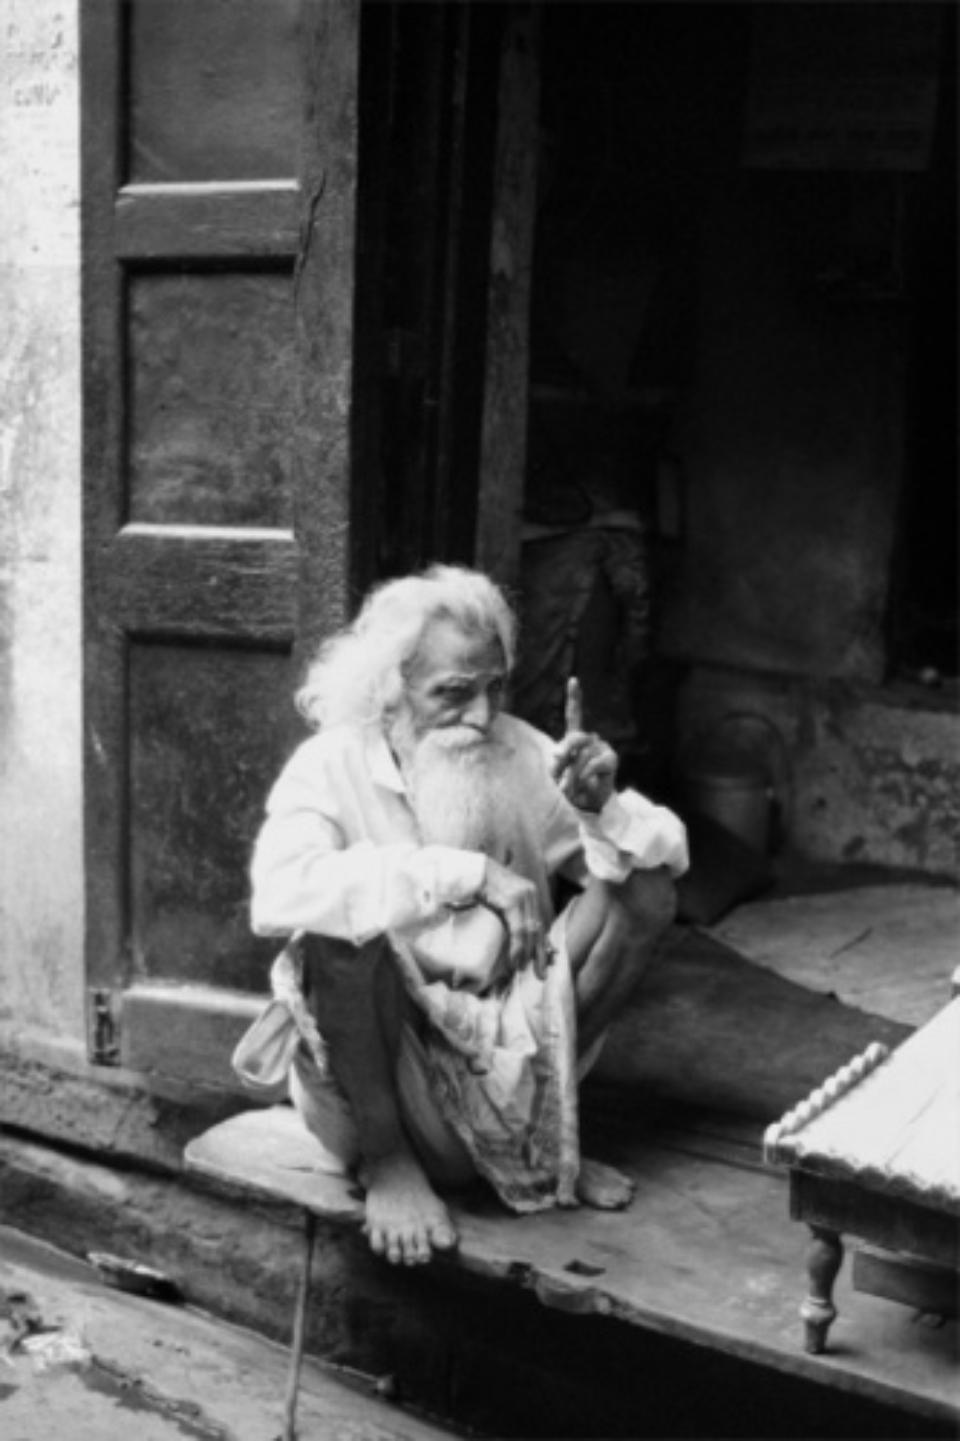 Amy Lyne: man pointing Finger Varansi, 2003 Gelatin silver print